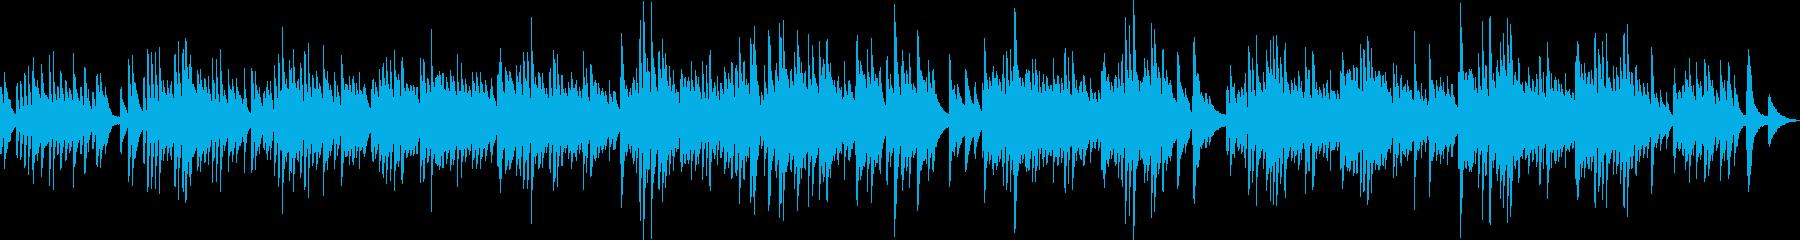 感動的で日本人が好きな雰囲気のピアノ曲の再生済みの波形